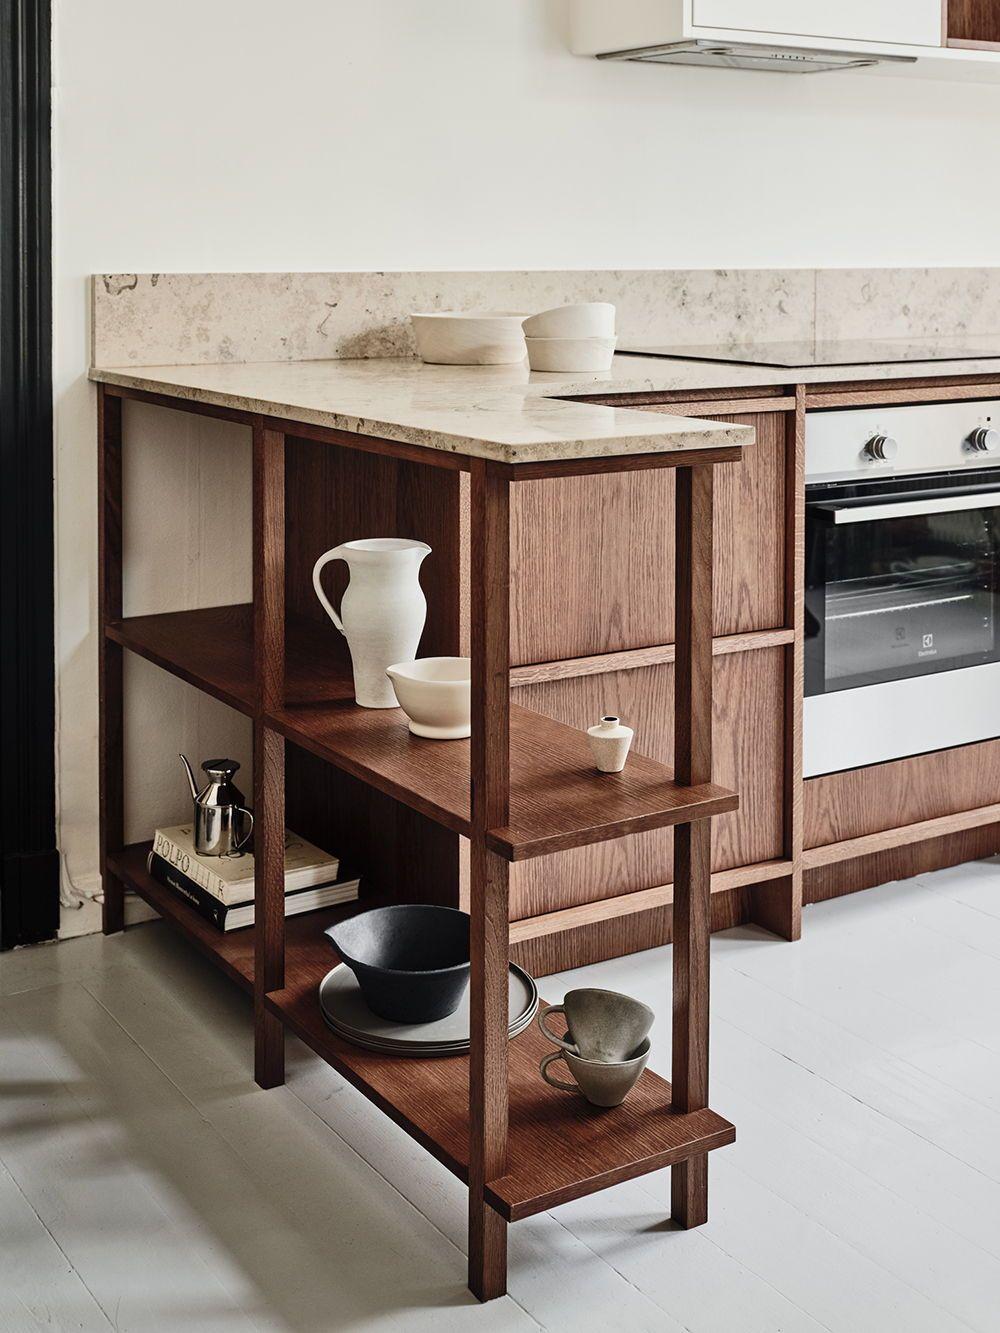 The Oak Kitchens By Nordiska Kok Keuken Ontwerpen Keuken